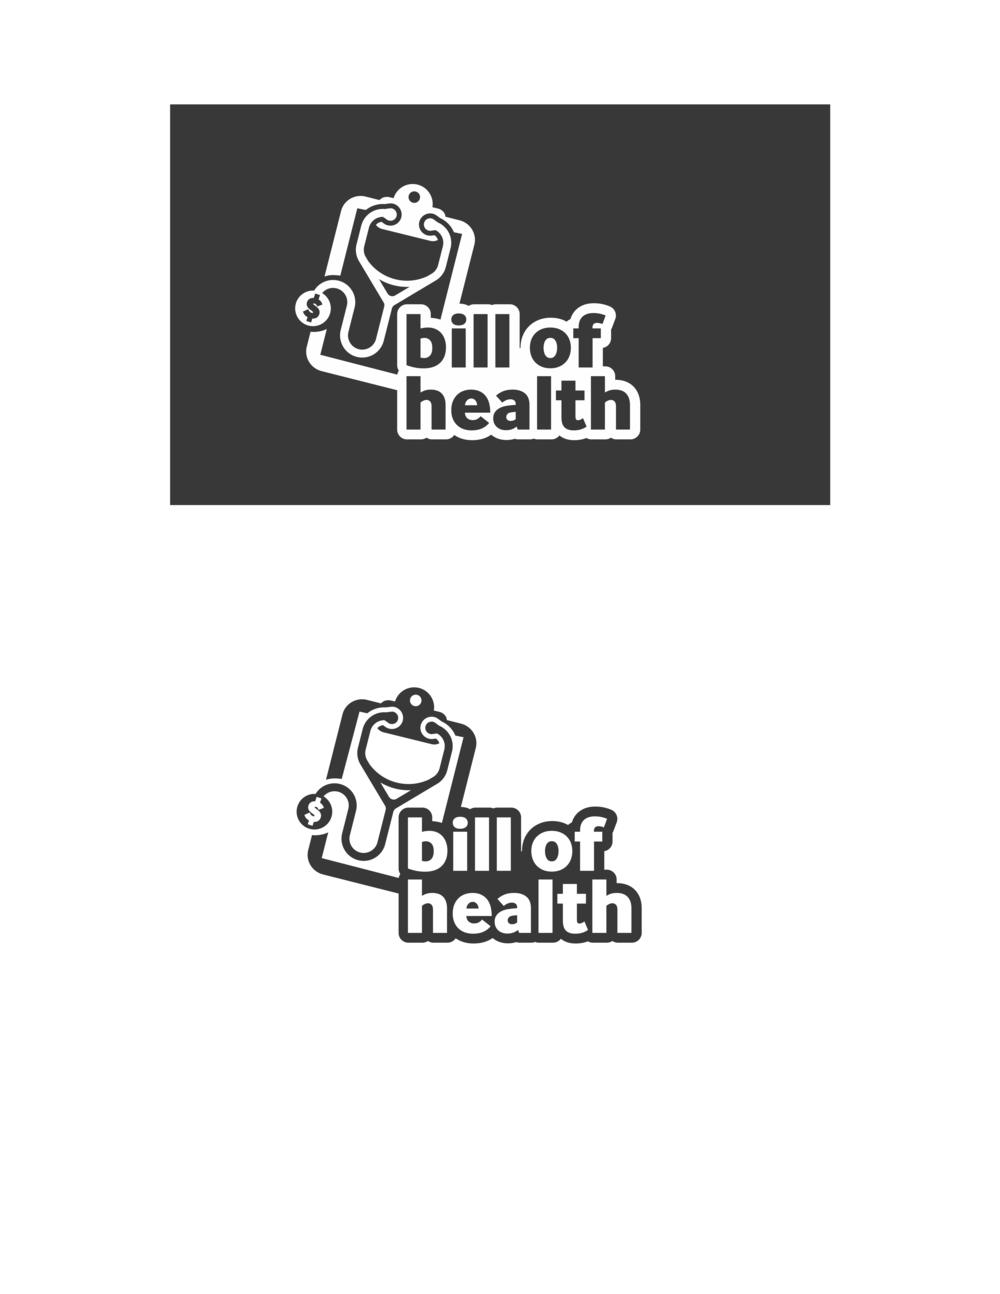 BillofHealth-Logo.png